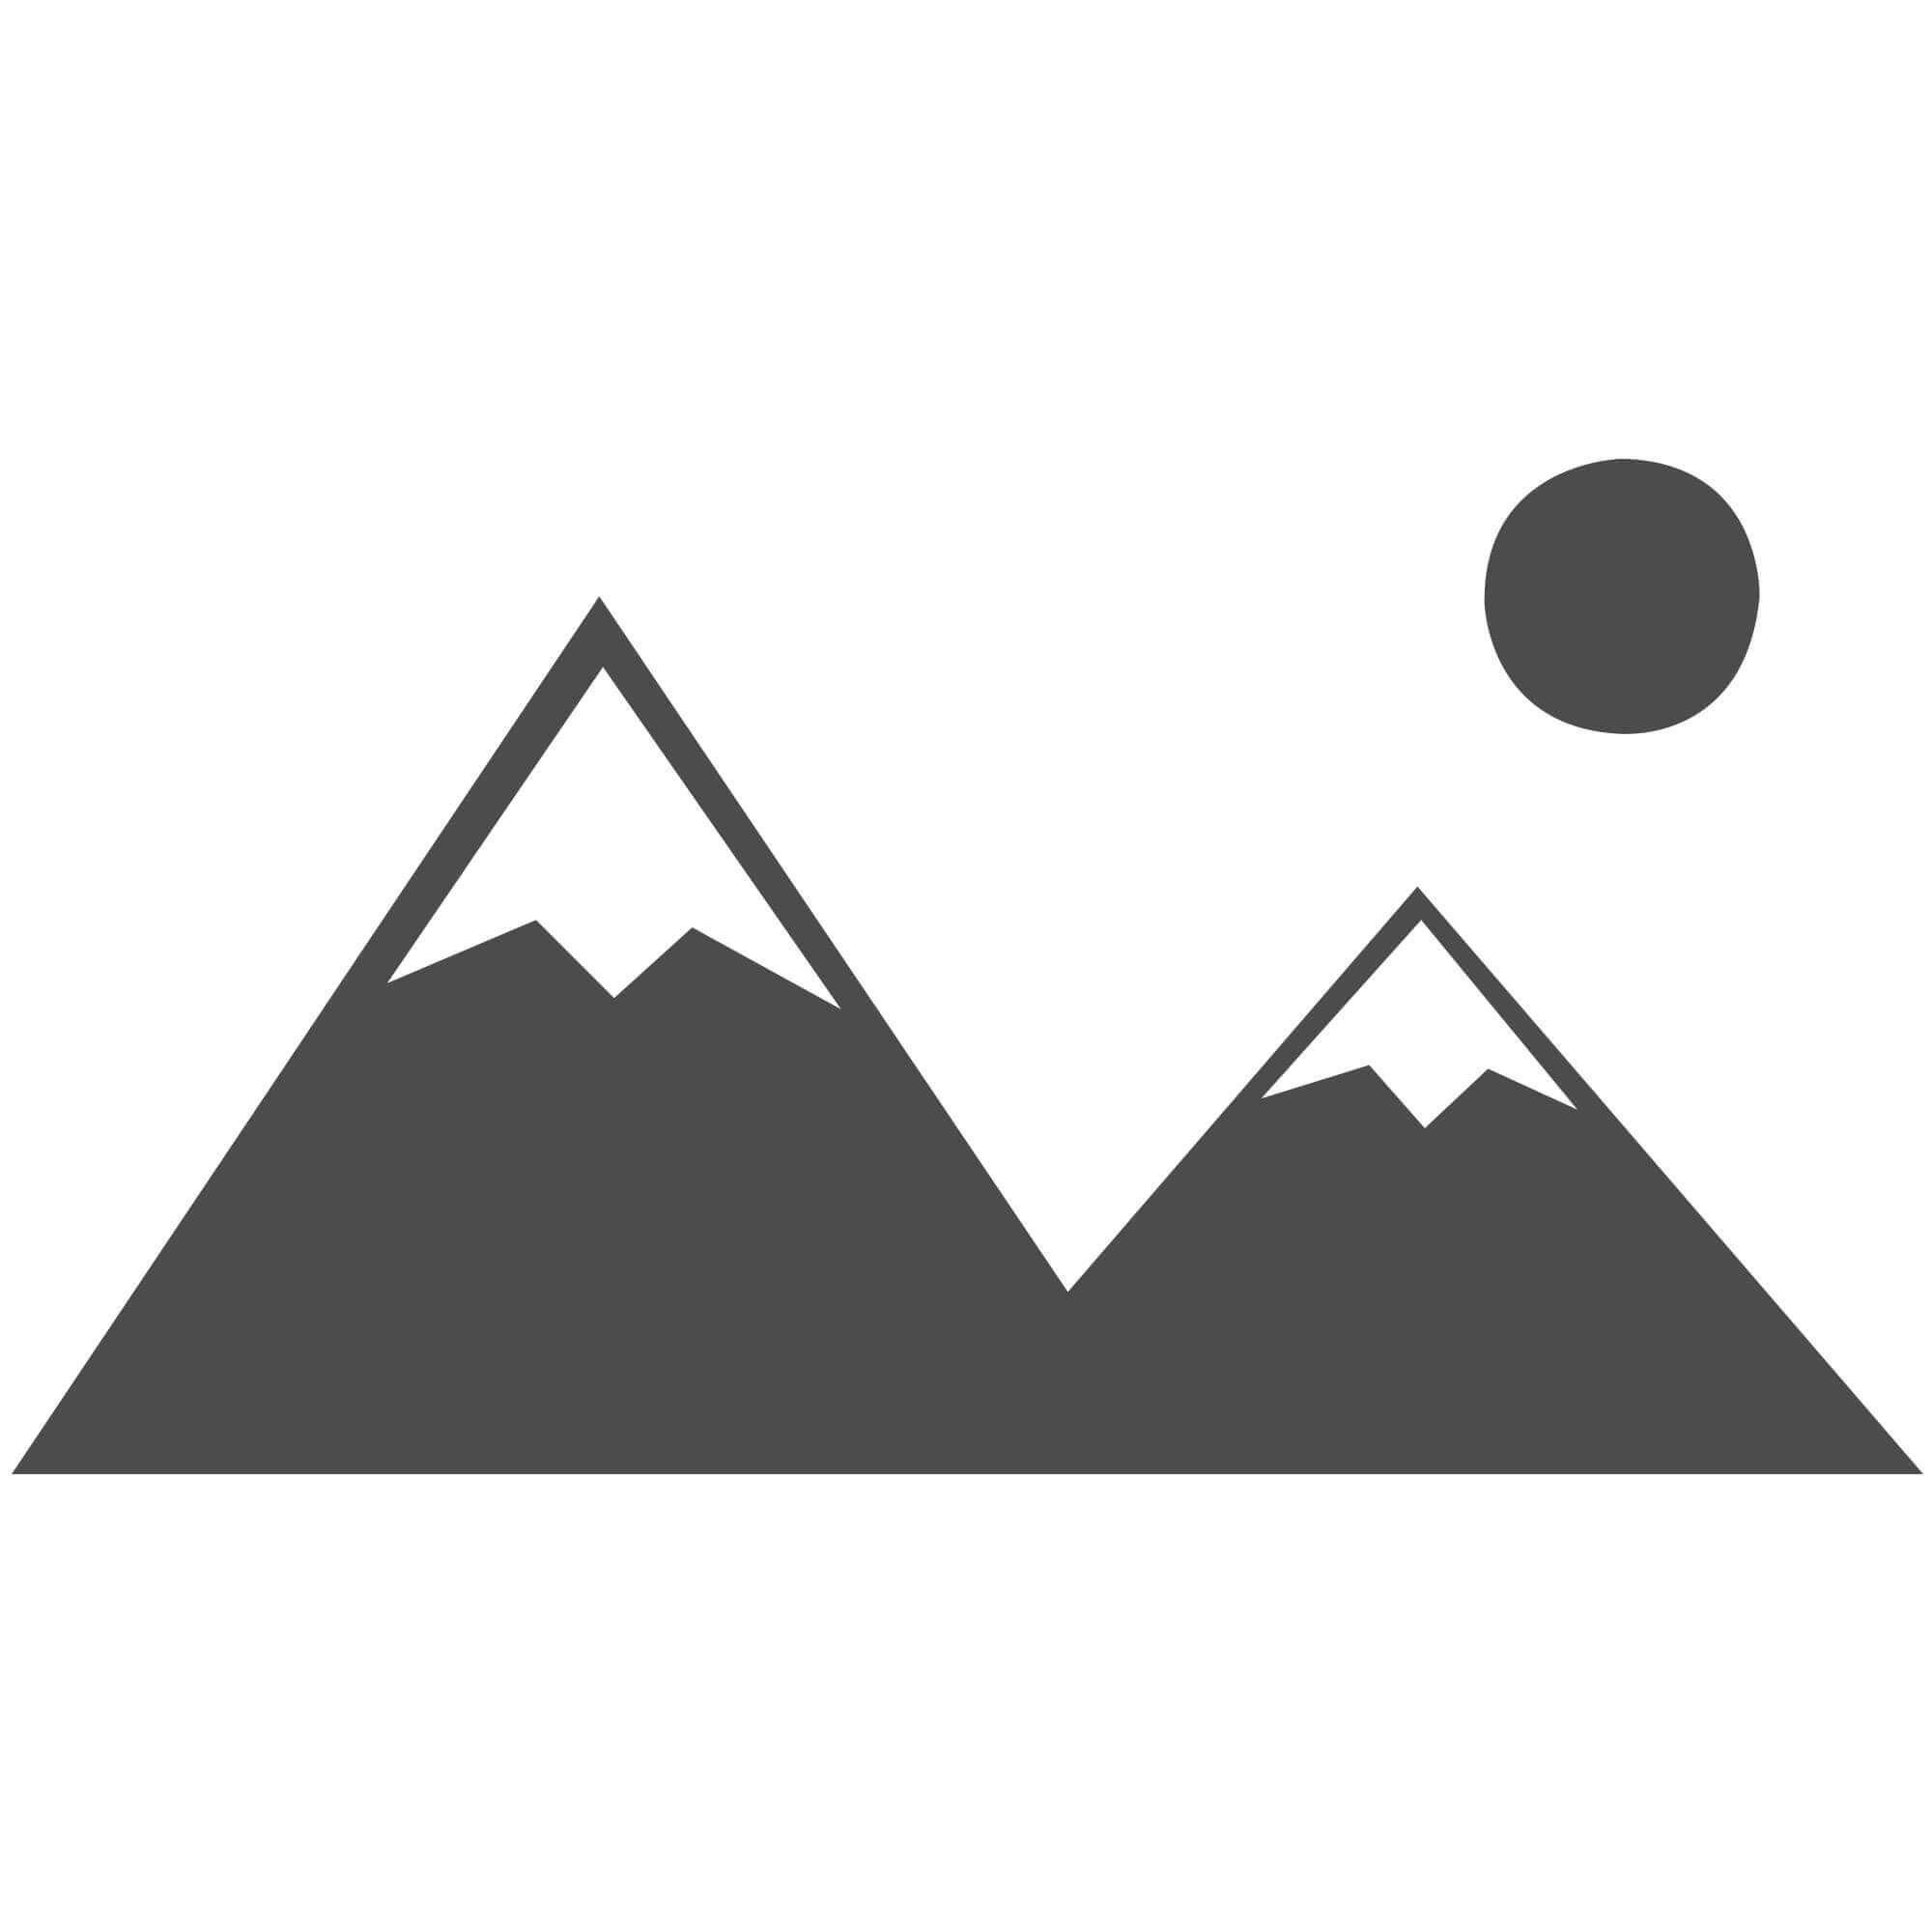 """Cascade Shaggy Rug - Slate - Size 160 x 230 cm (5'3"""" x 7'7"""")"""